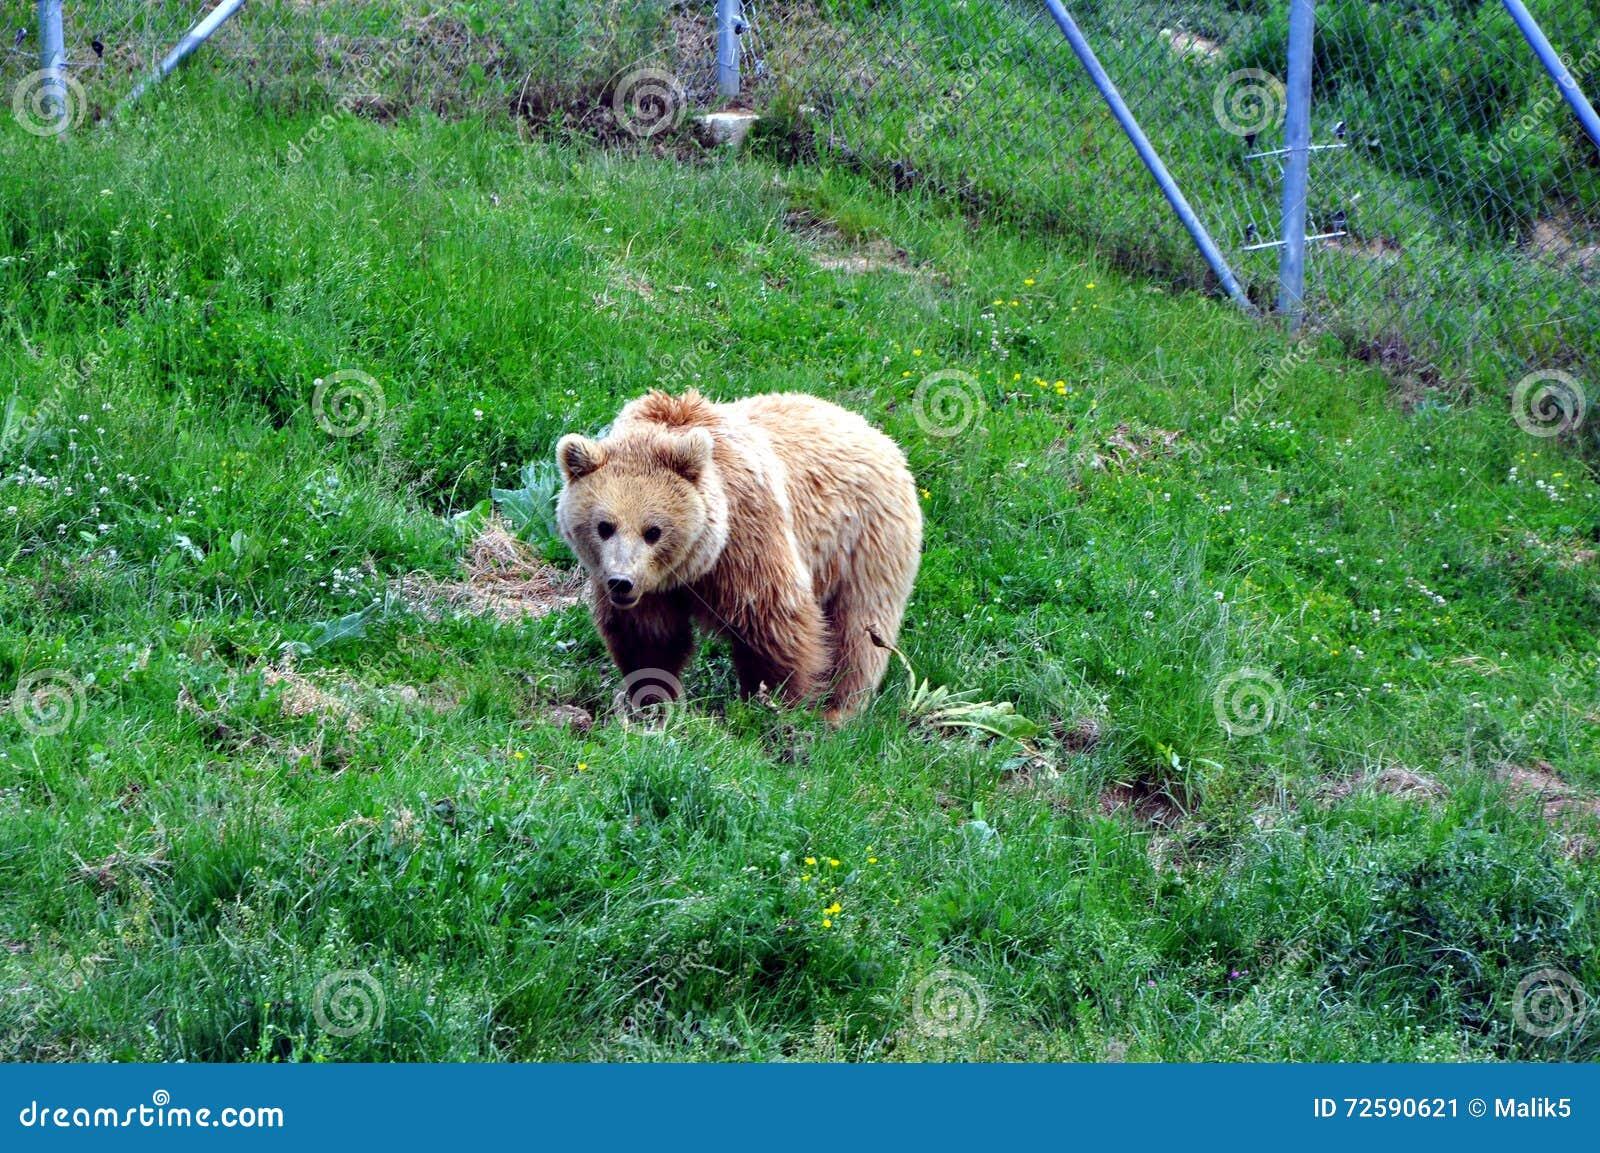 SOPPORTI IL SANTUARIO vicino a Prishtina per tutti gli orsi bruni privatamente tenuti di Kosovo's